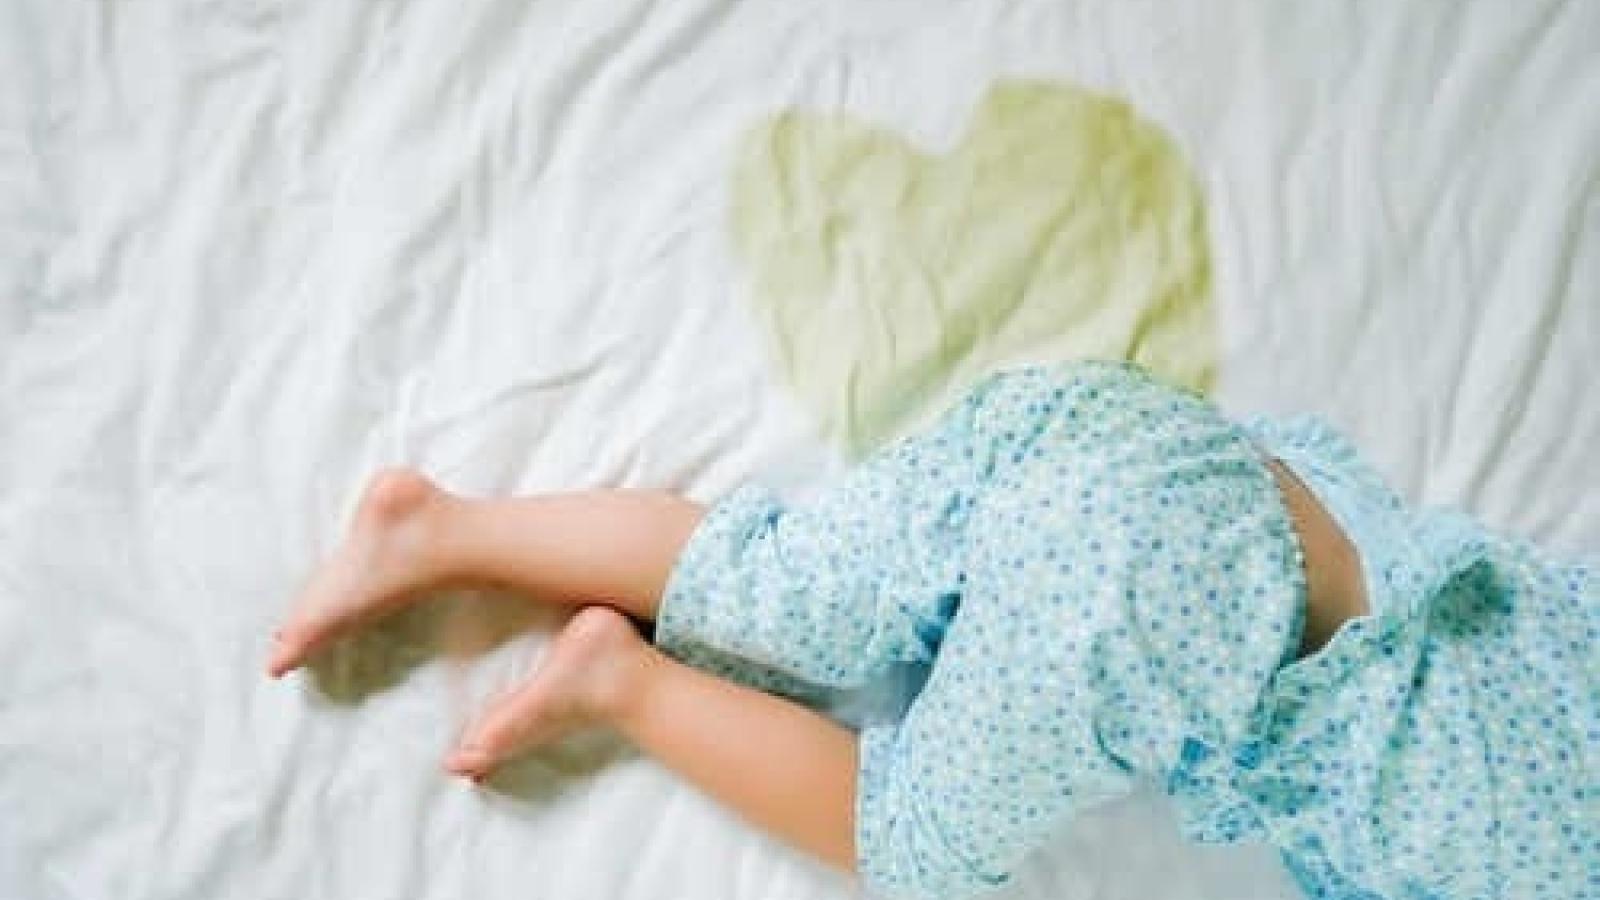 """Nguyên nhân và giải pháp điều trị chứng """"đái dầm"""" ở trẻ"""